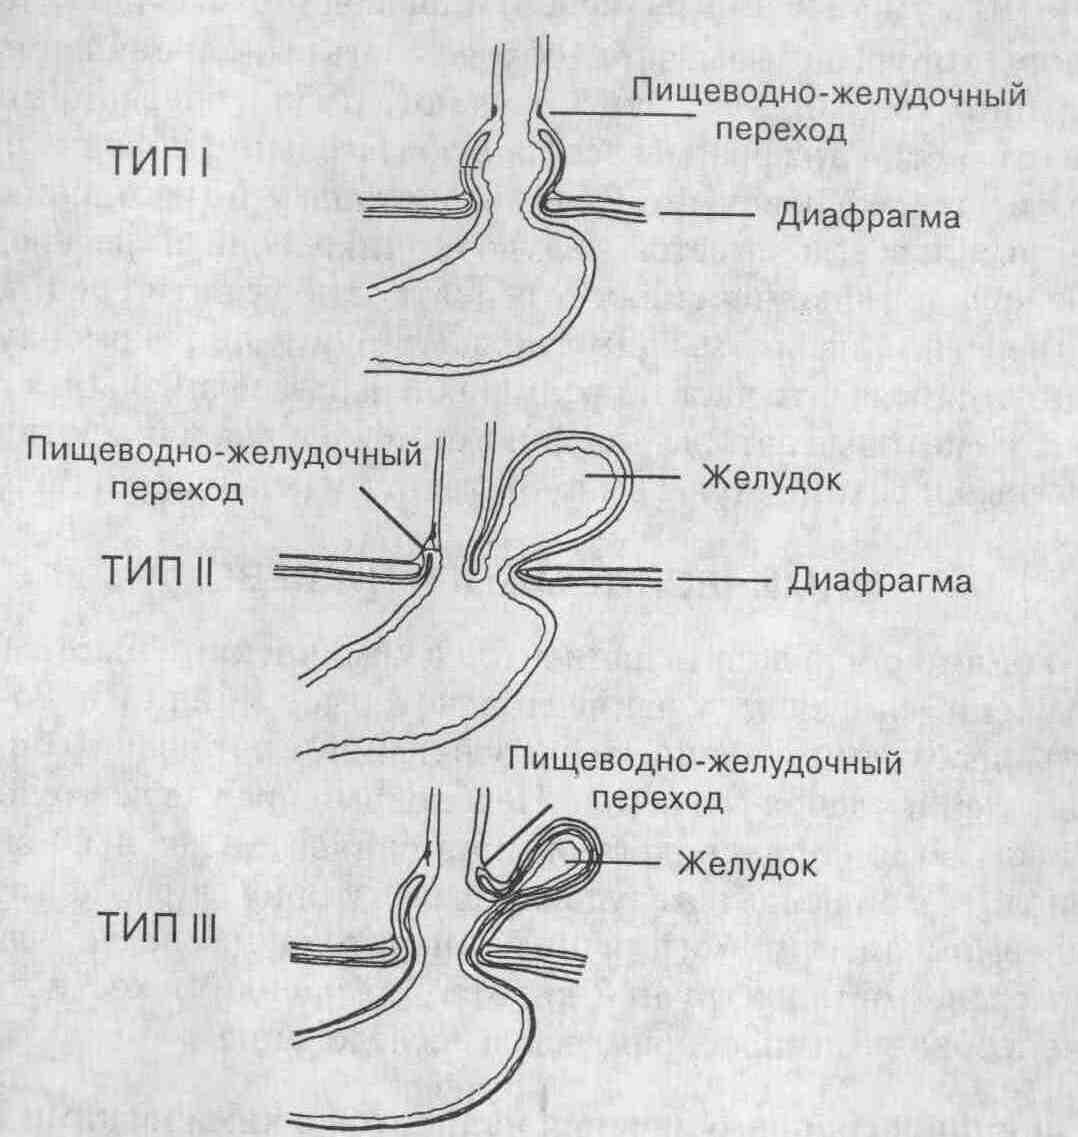 Эзофаготомия фото